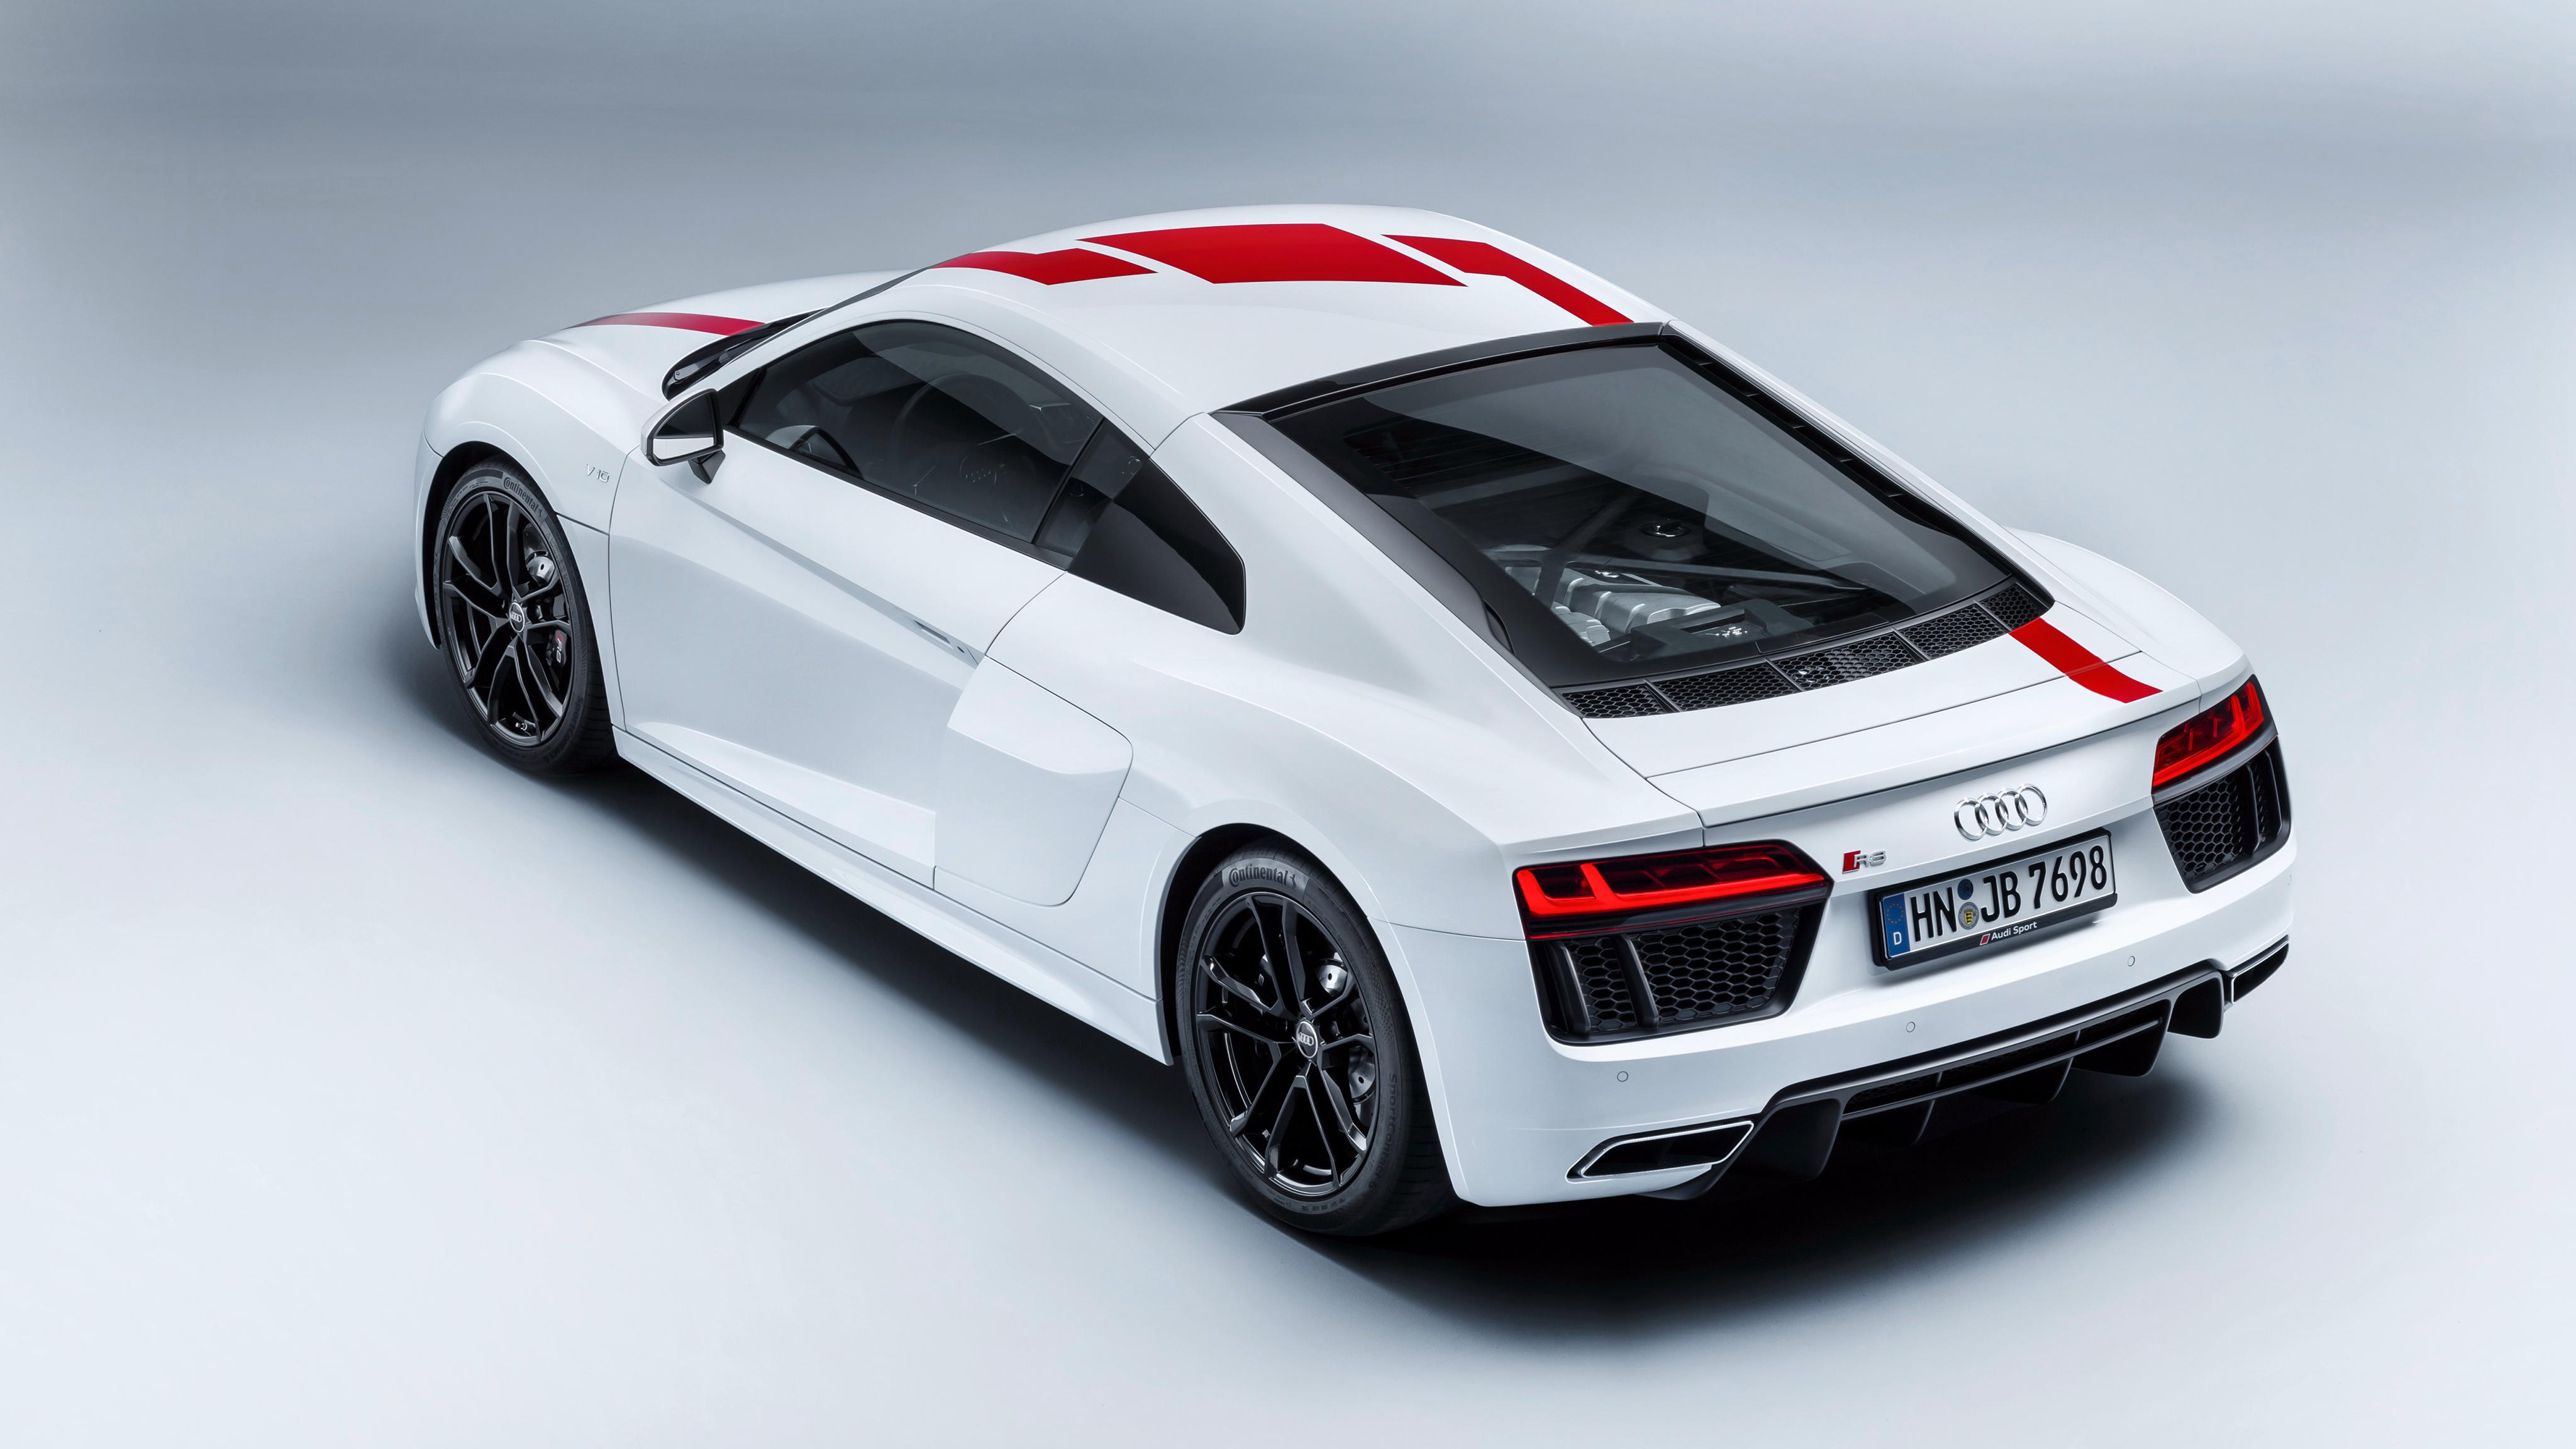 Audi R8 V10 Rws 2018 4k 2 Wallpaper Hd Car Wallpapers Id 8595